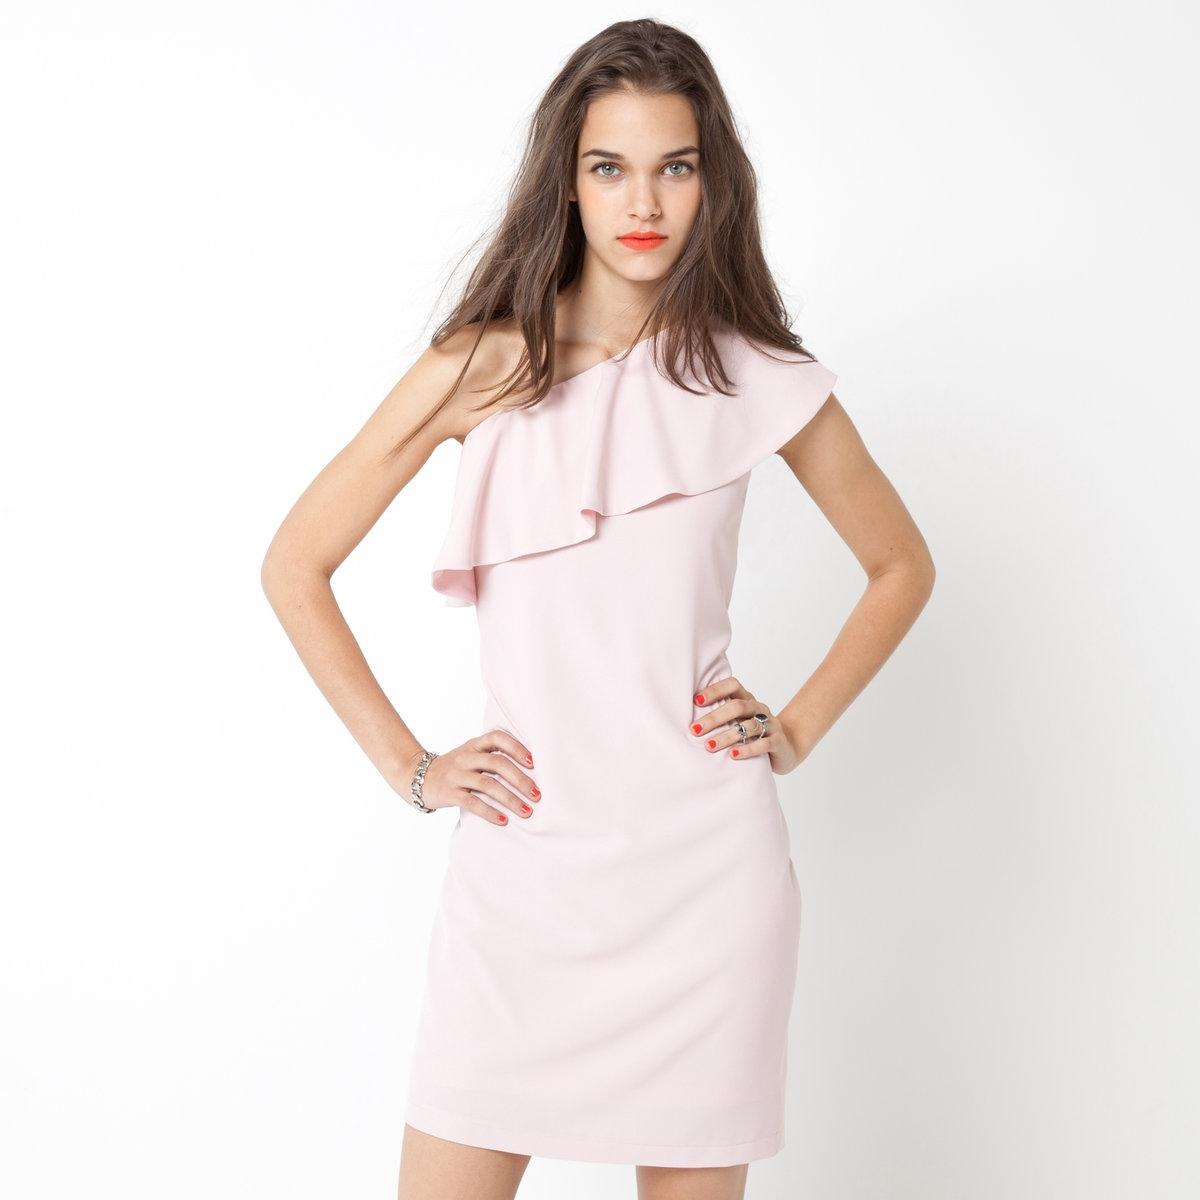 Платье асимметричноеАсимметричное платье из струящегося материала, 100% полиэстера. Воланы спереди. Застежка на молнию сбоку. Длина ок.90 см.<br><br>Цвет: розовый<br>Размер: 42 (FR) - 48 (RUS).40 (FR) - 46 (RUS)